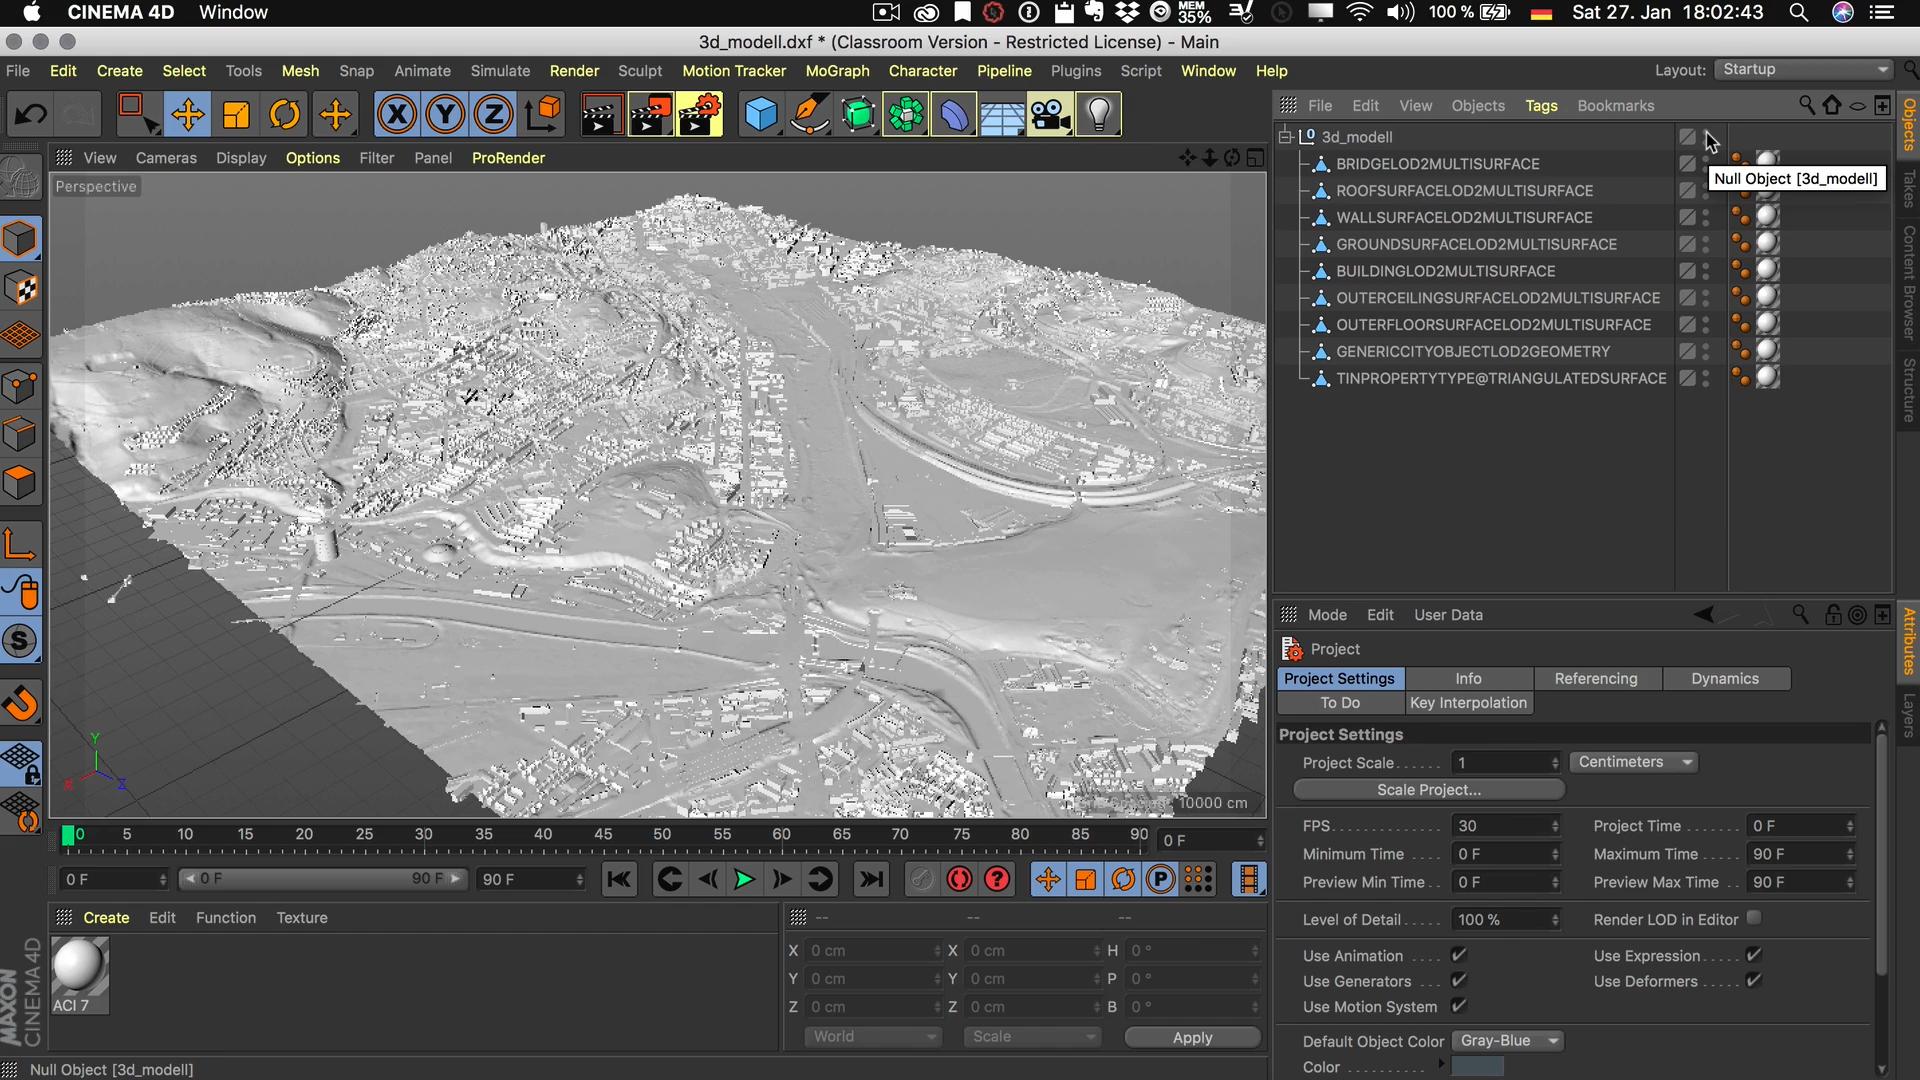 Cinema4D 3D-Stadtmodell Modell Editor Viewport sichtbar